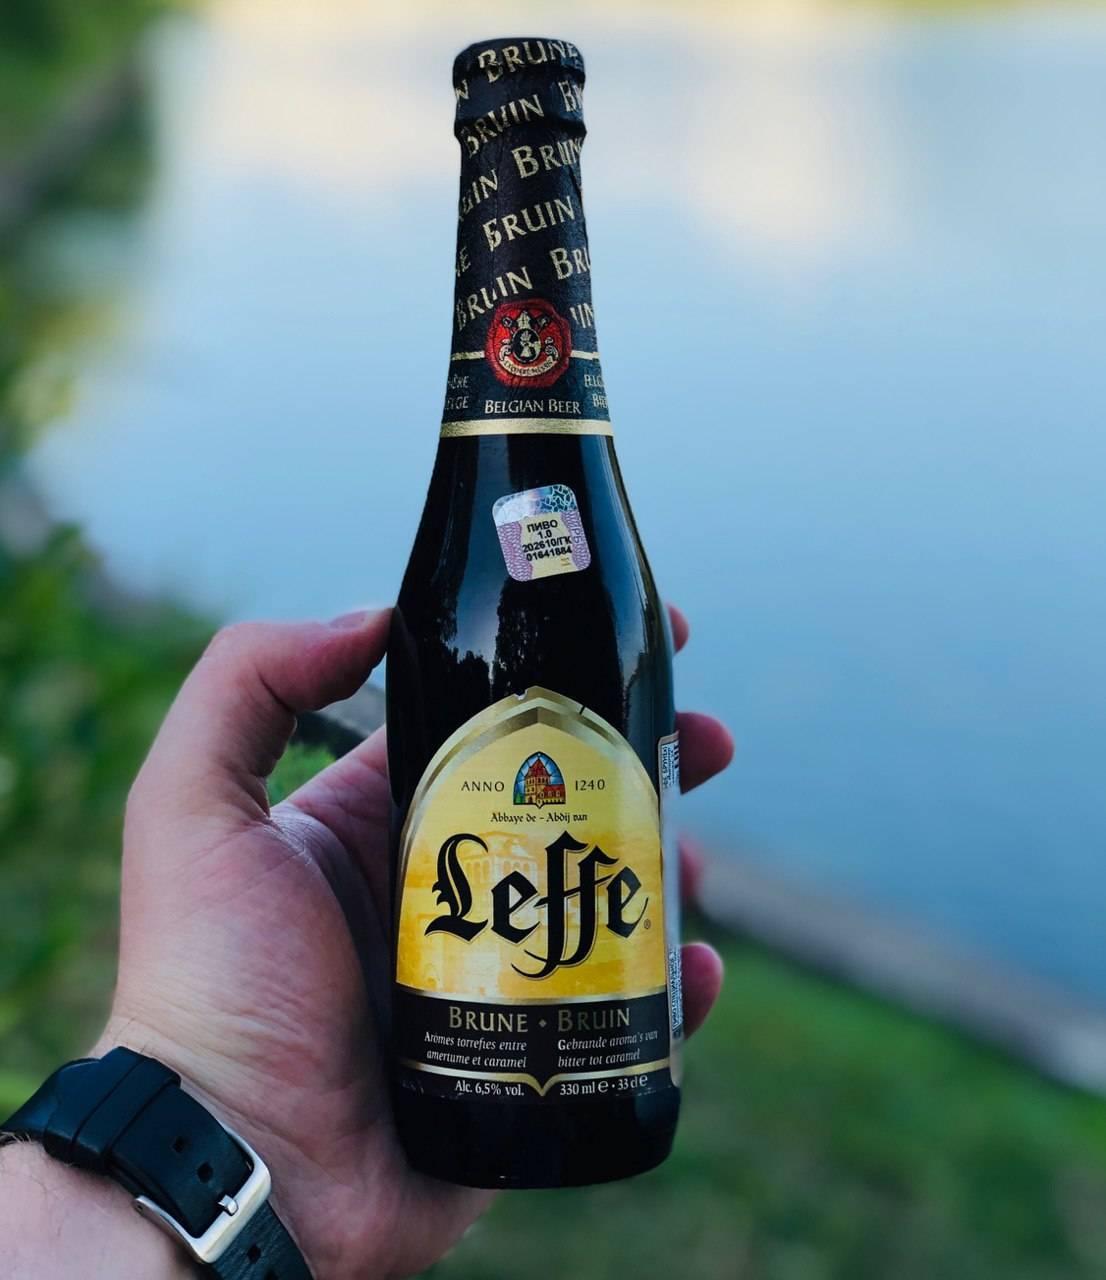 Пиво leffe: история, обзор видов и вкуса + интересные факты